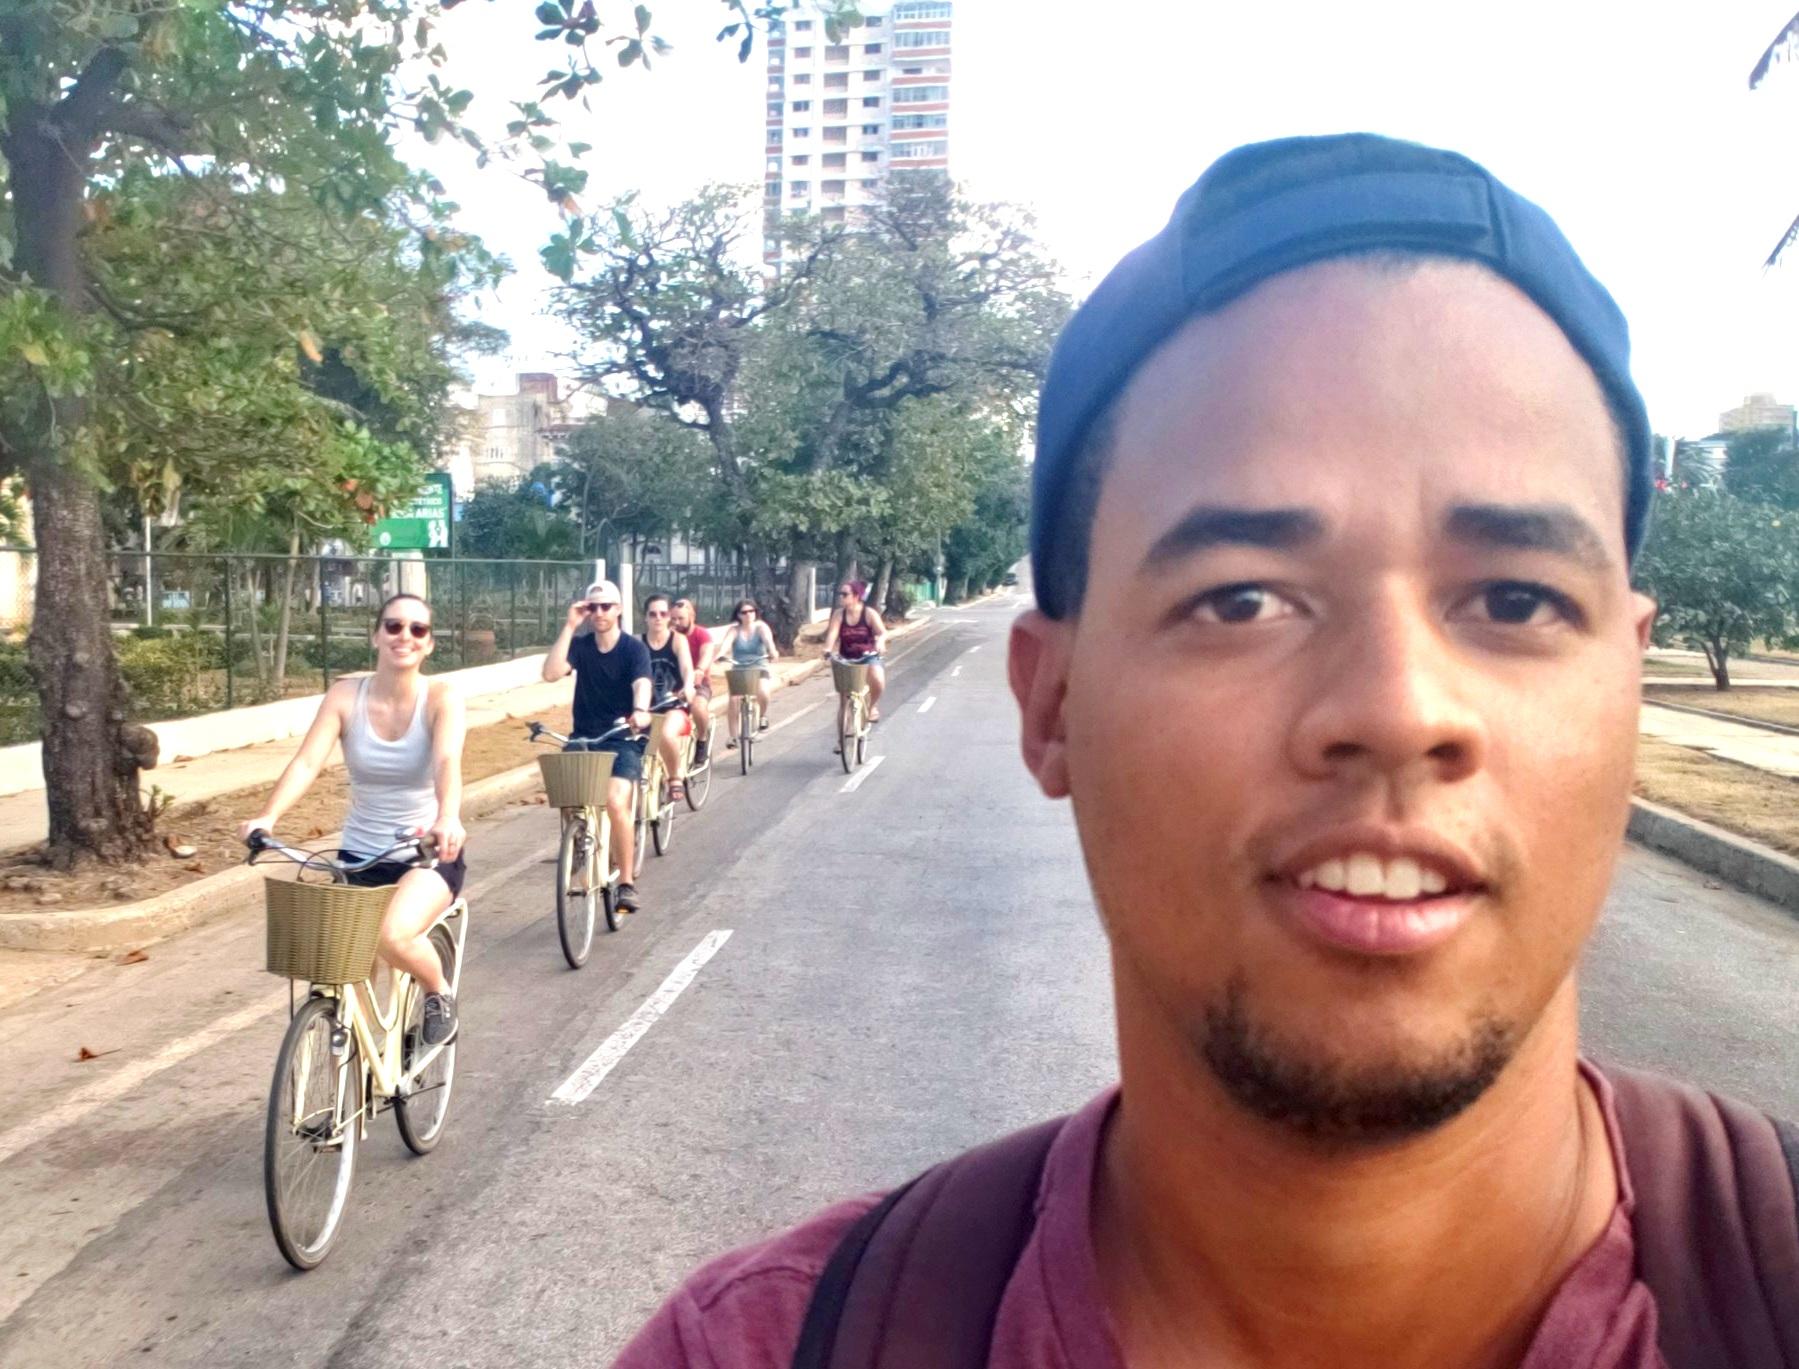 This is Gelín's brave selfie while biking